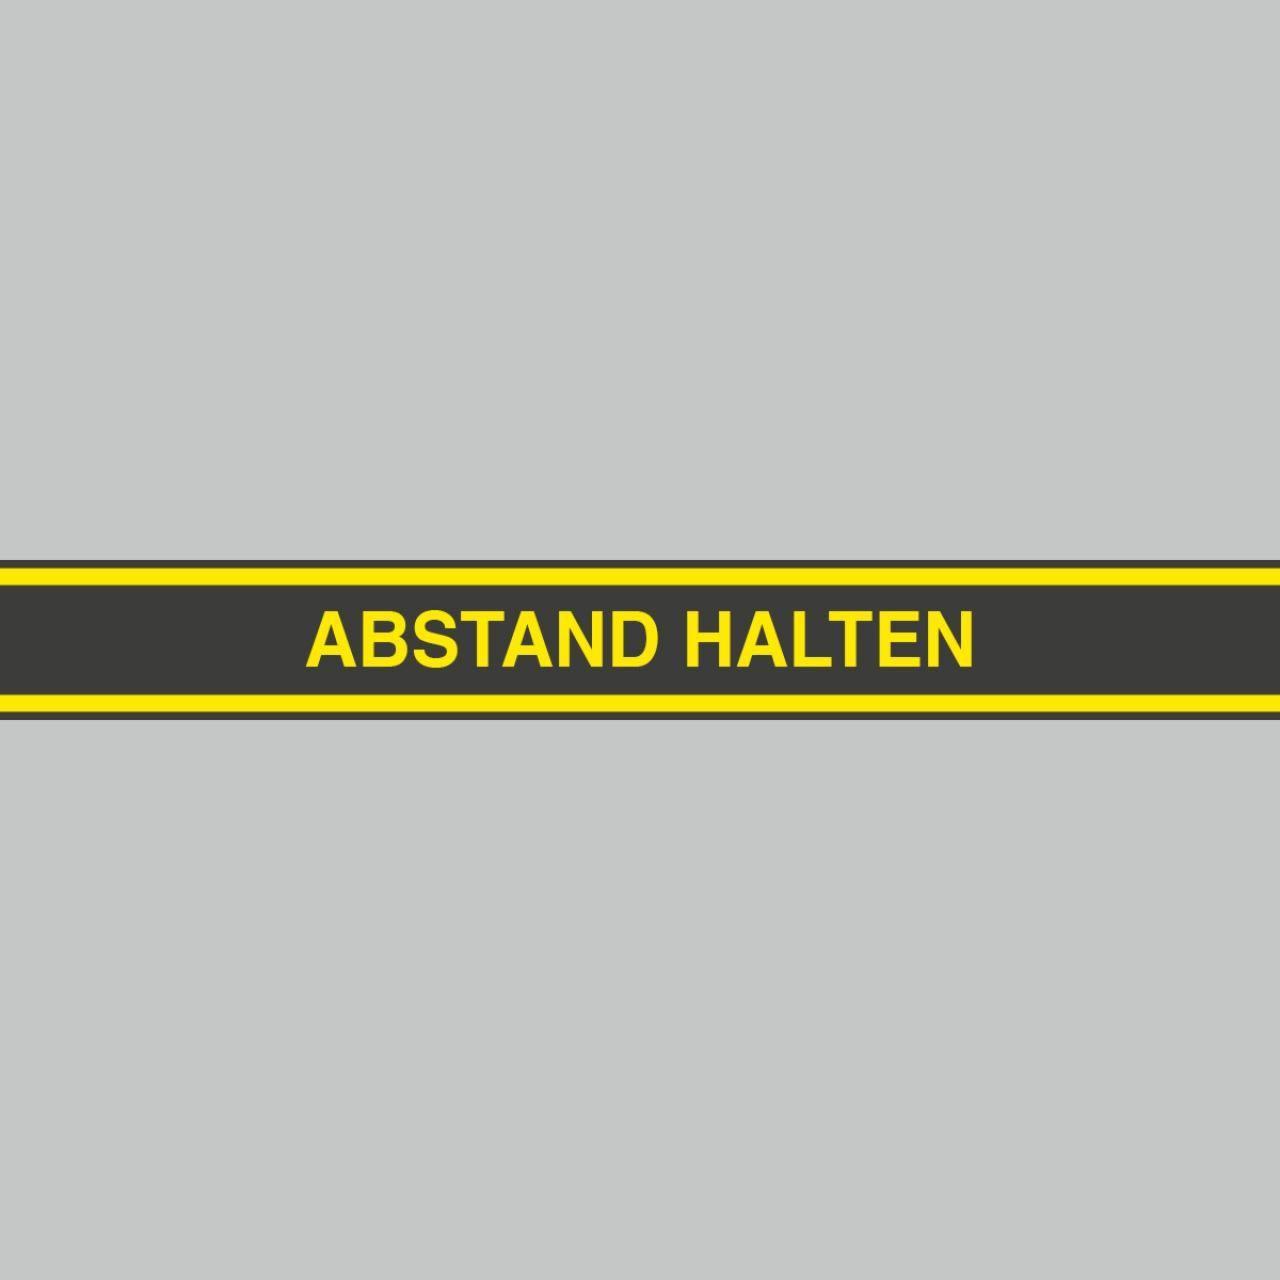 Fußbodenaufkleber, gelb-schwarz, 120x15cm – Abstand halten